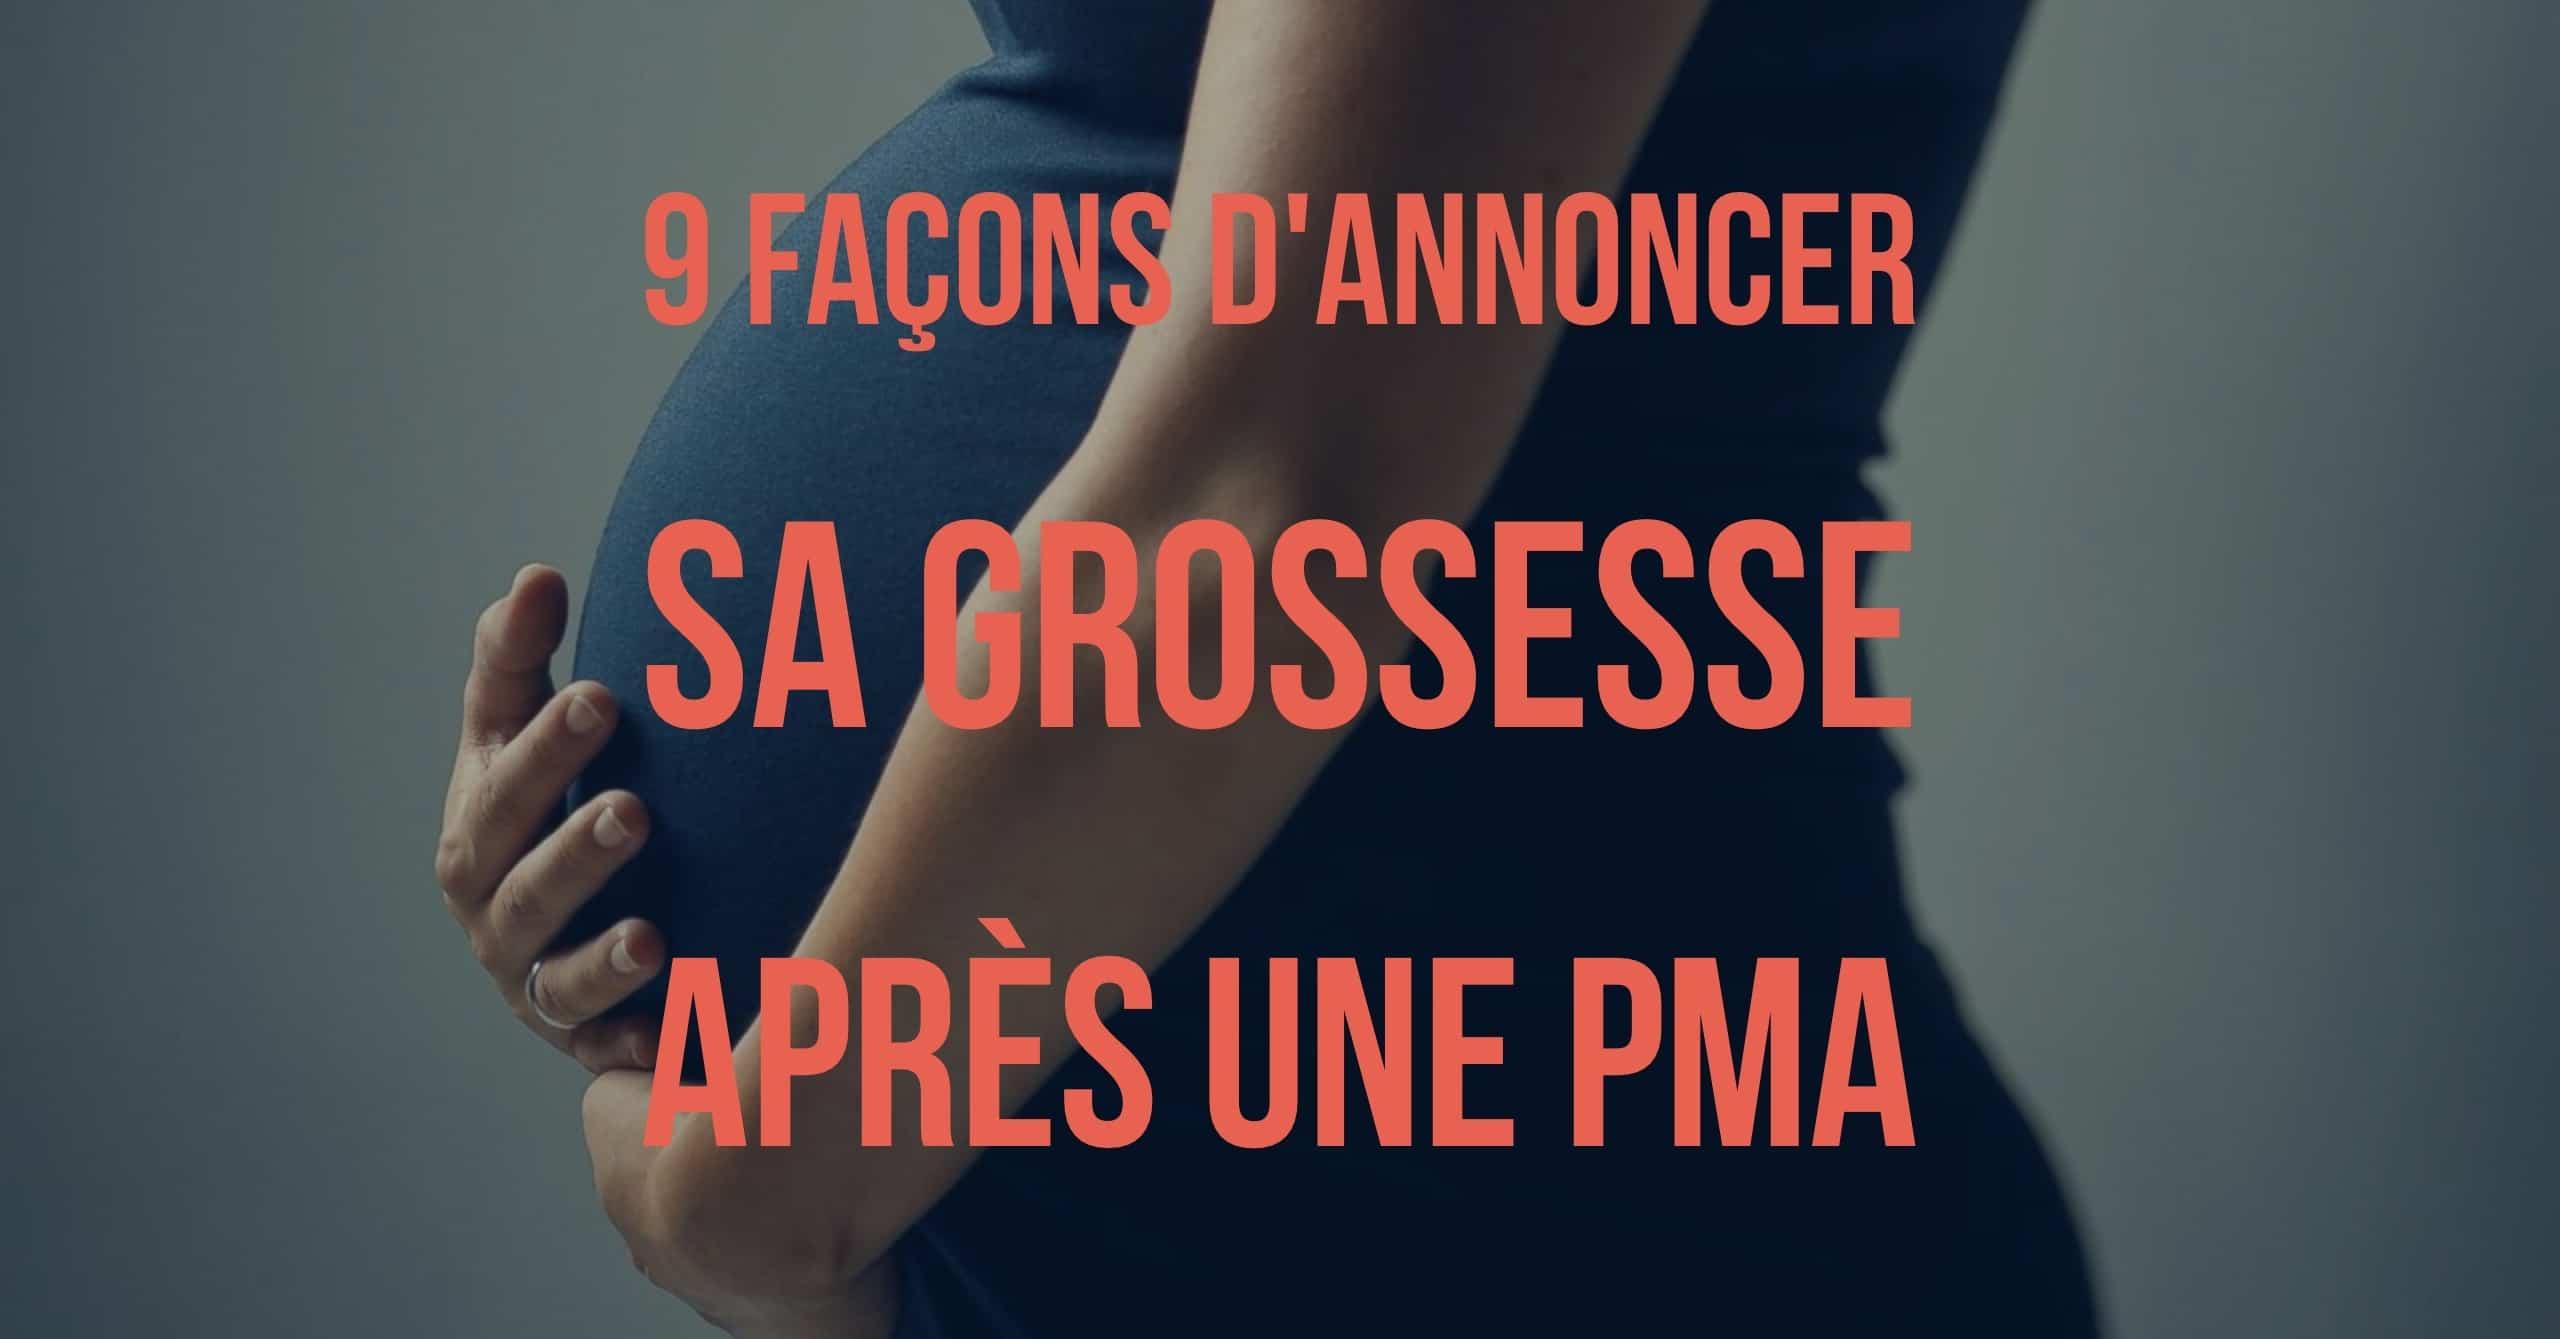 Top 9 façons d'annoncer sa grossesse après une PMA • Fiv.fr JZ27